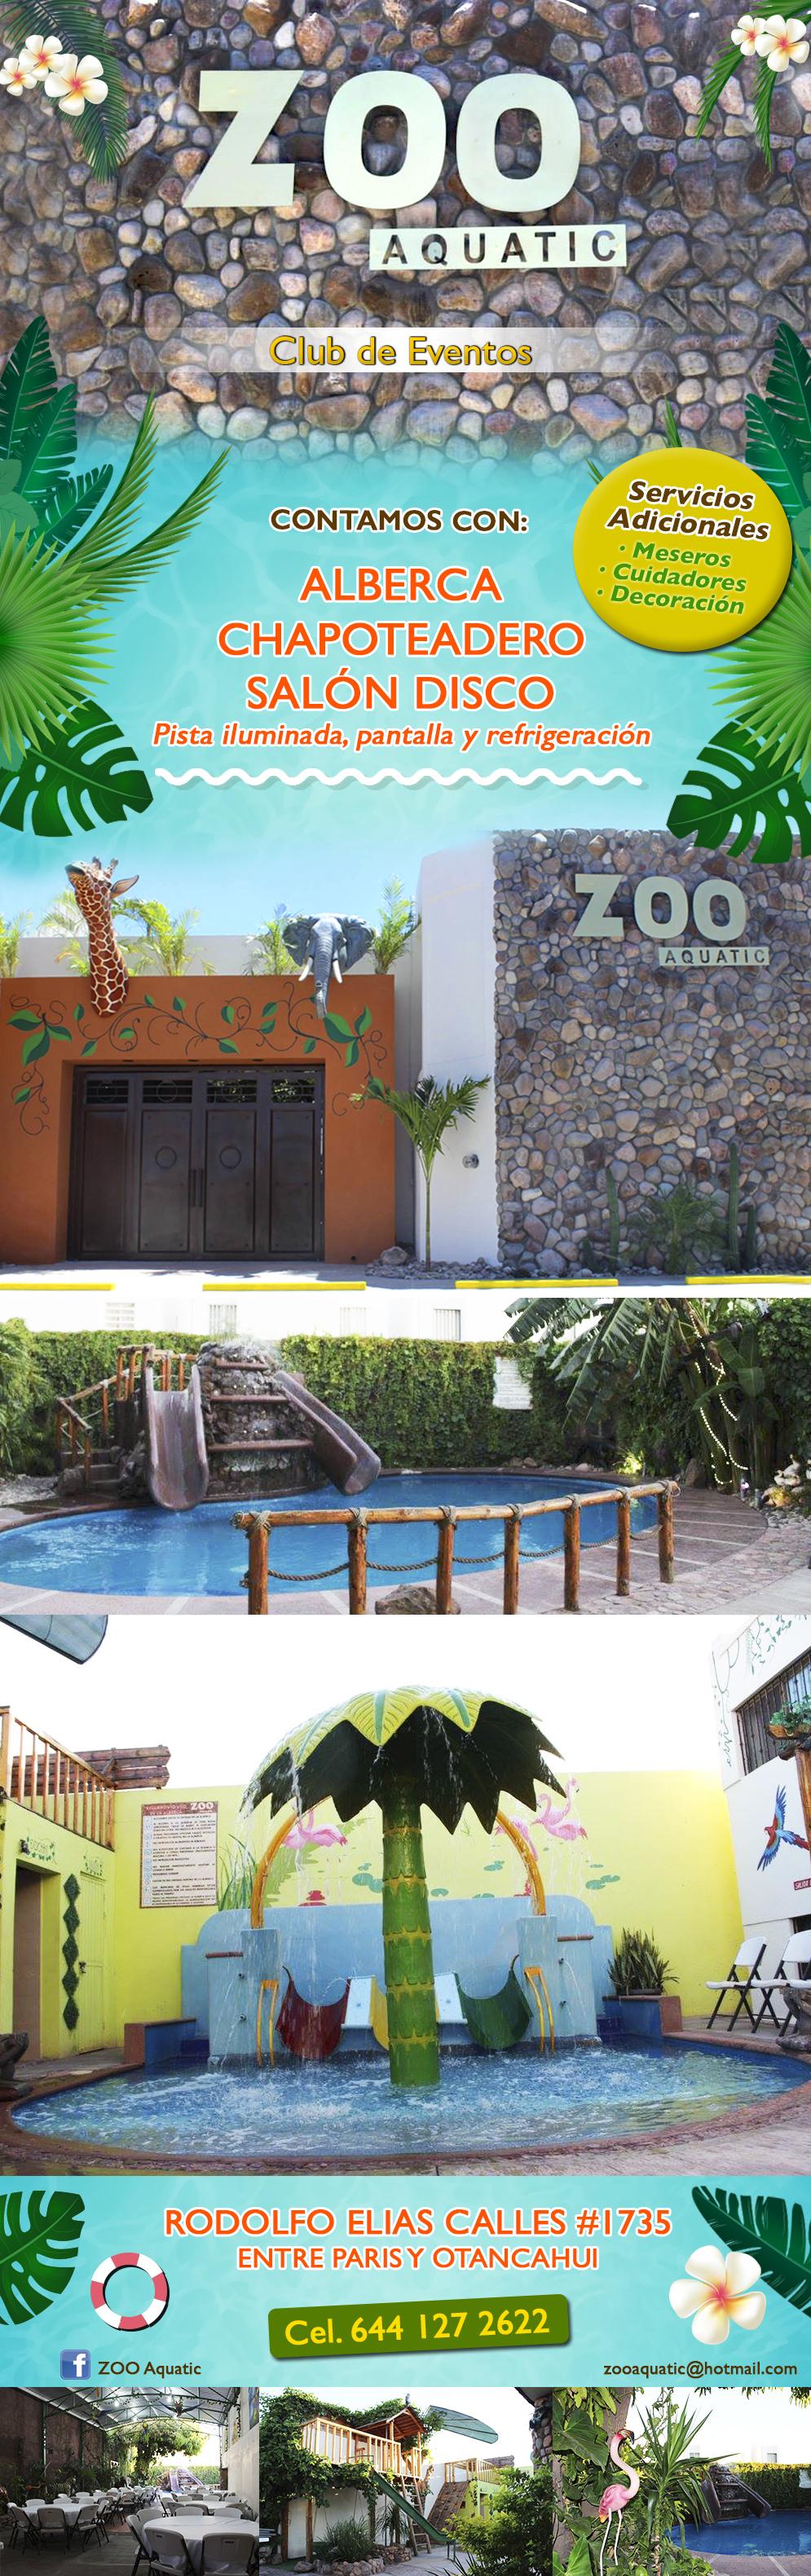 Zoo aquatic en ciudad obreg n anunciado por zonacomercial for Acropolis salon de eventos